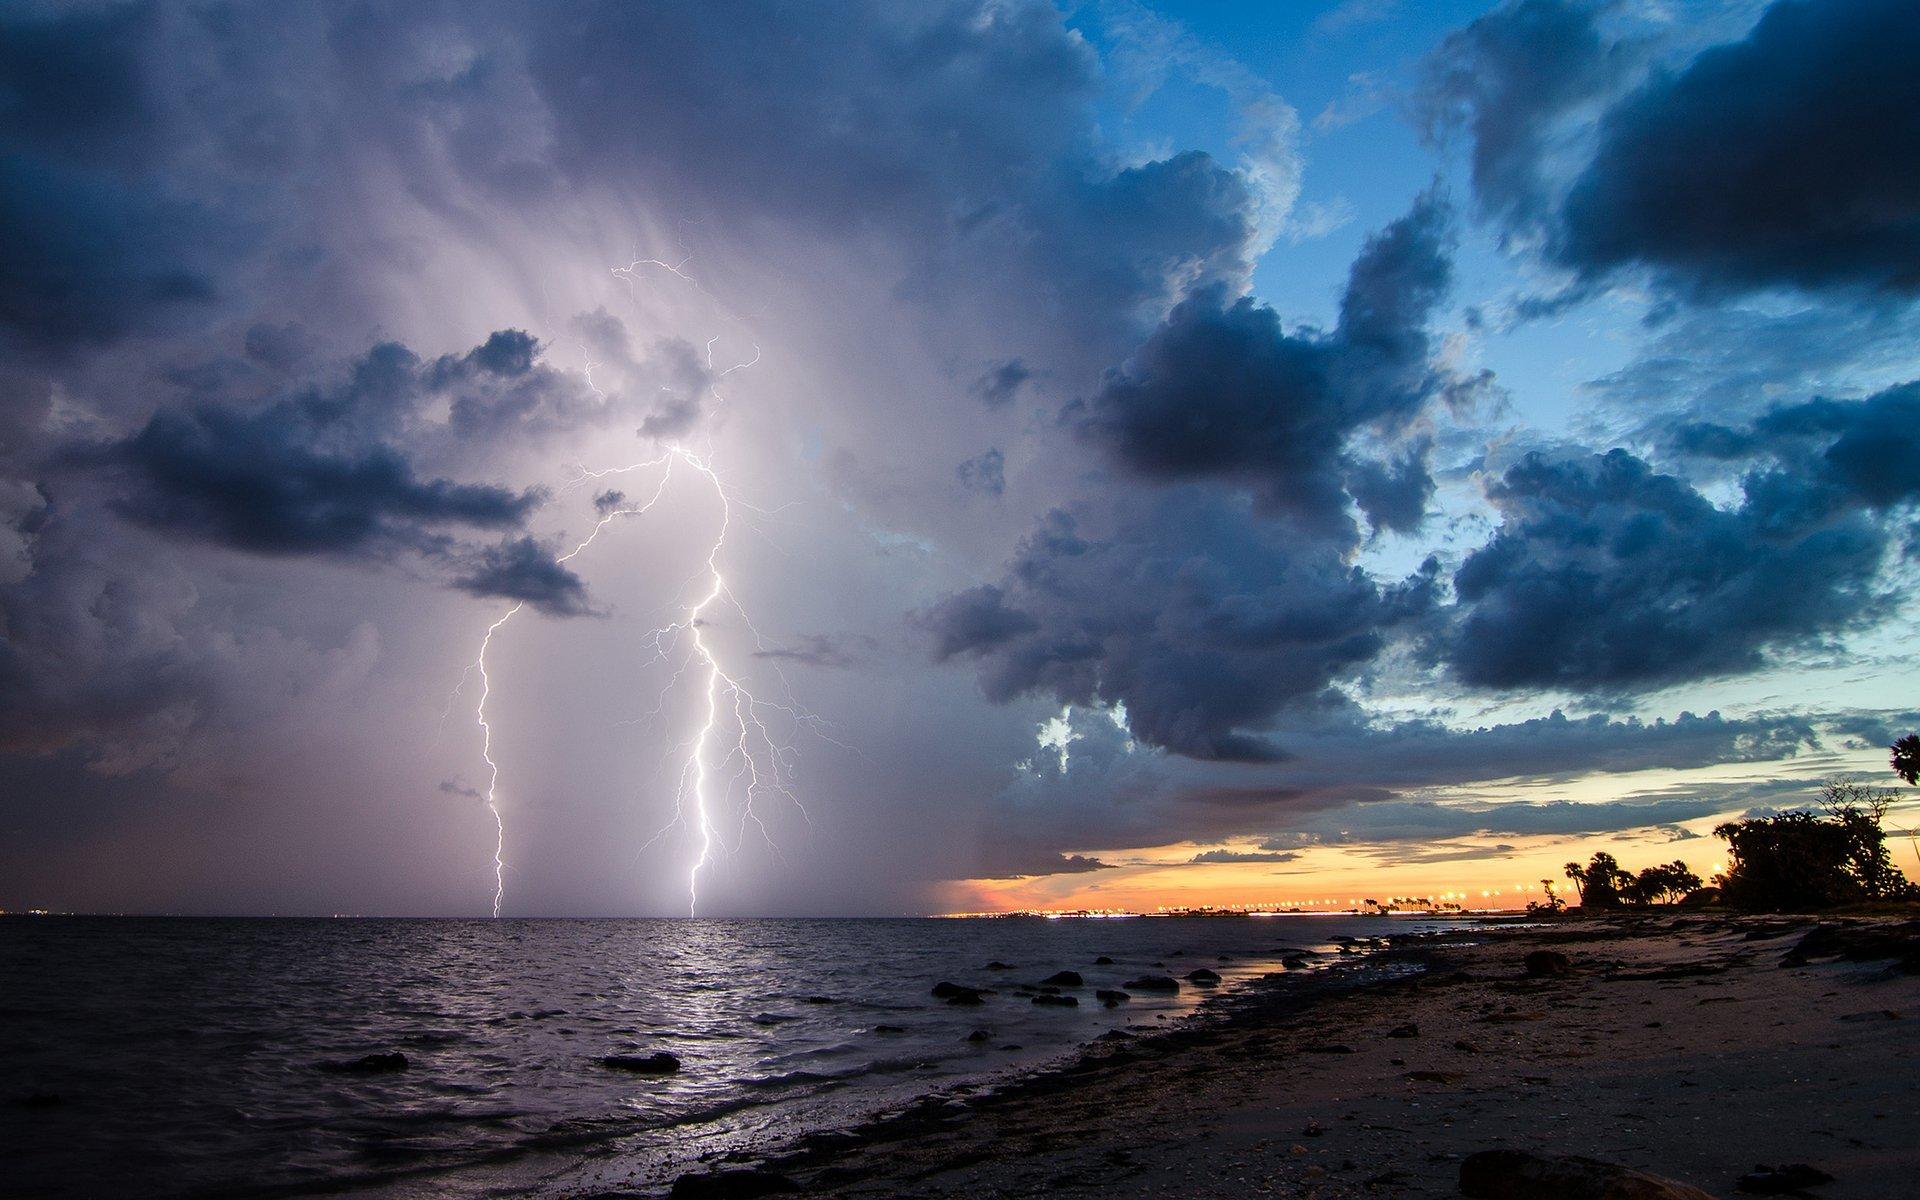 Lightning Clouds Storm Beach wallpaper 1920x1200 247994 1920x1200